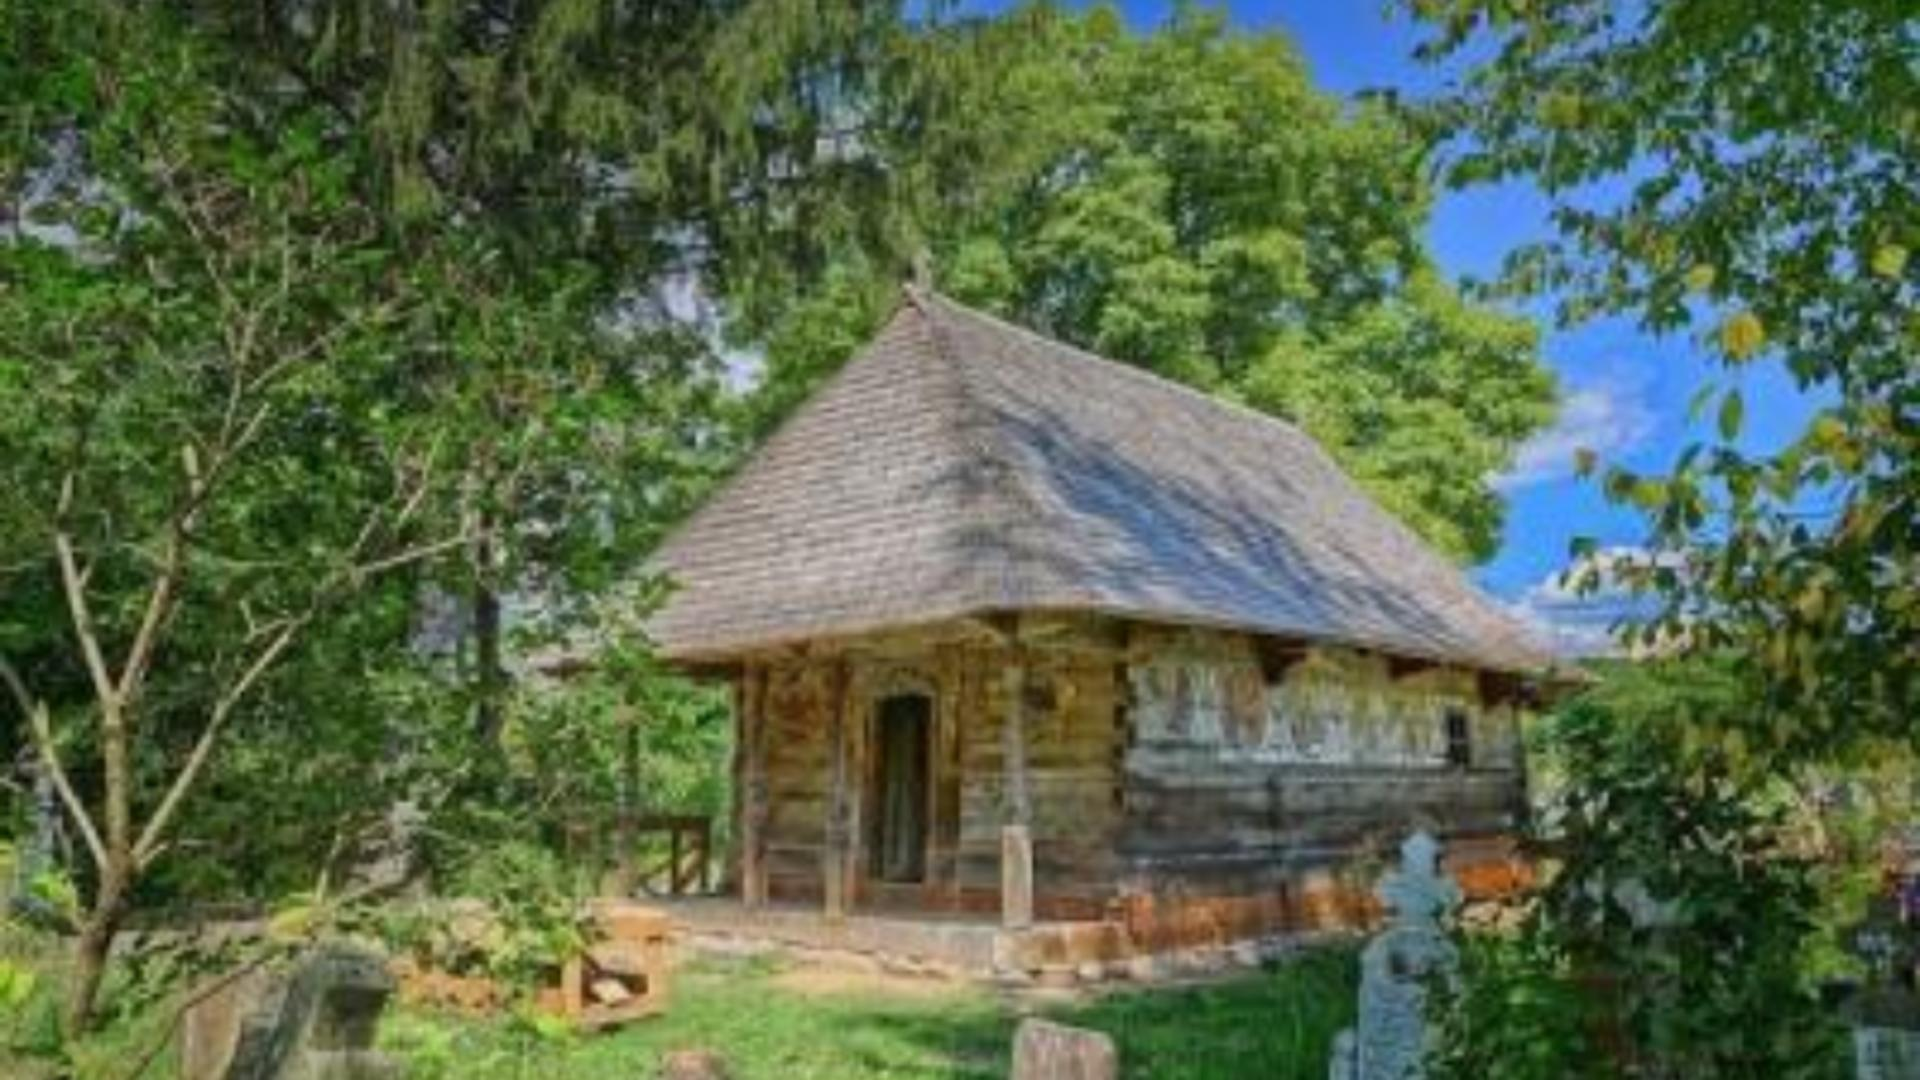 Biserica de lemn din satul Urși, Vâlcea, a câștigat un premiu european important în 2021 - UNDE poți vota online pentru Premiul publicului